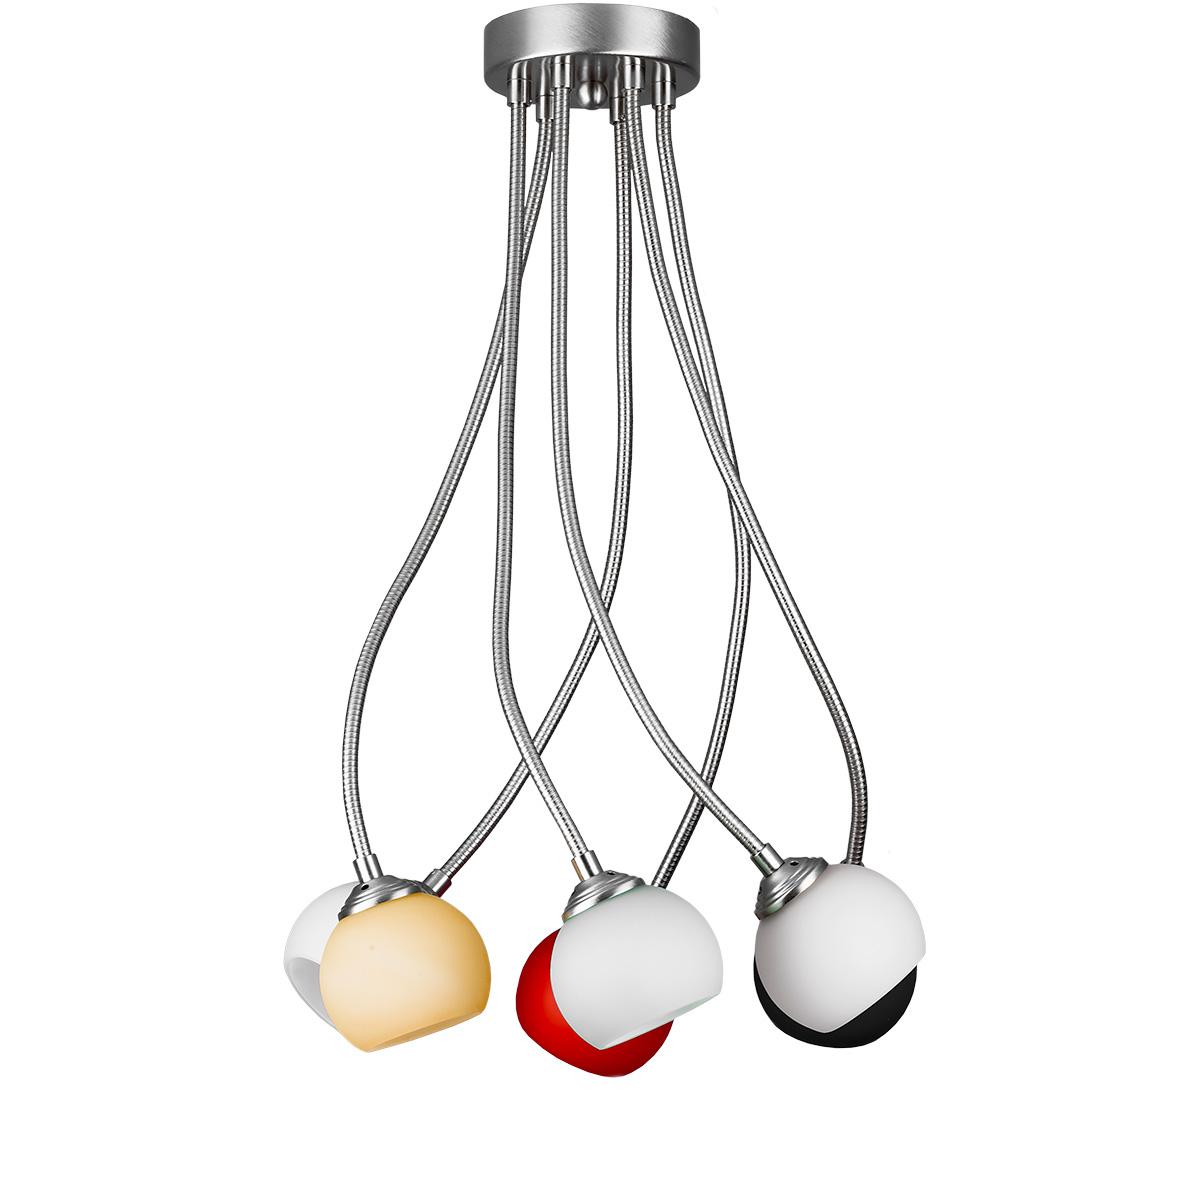 Μοντέρνο 6φωτο φωτιστικό FLEX COLOUR flexible modern 6-bulb chandelier